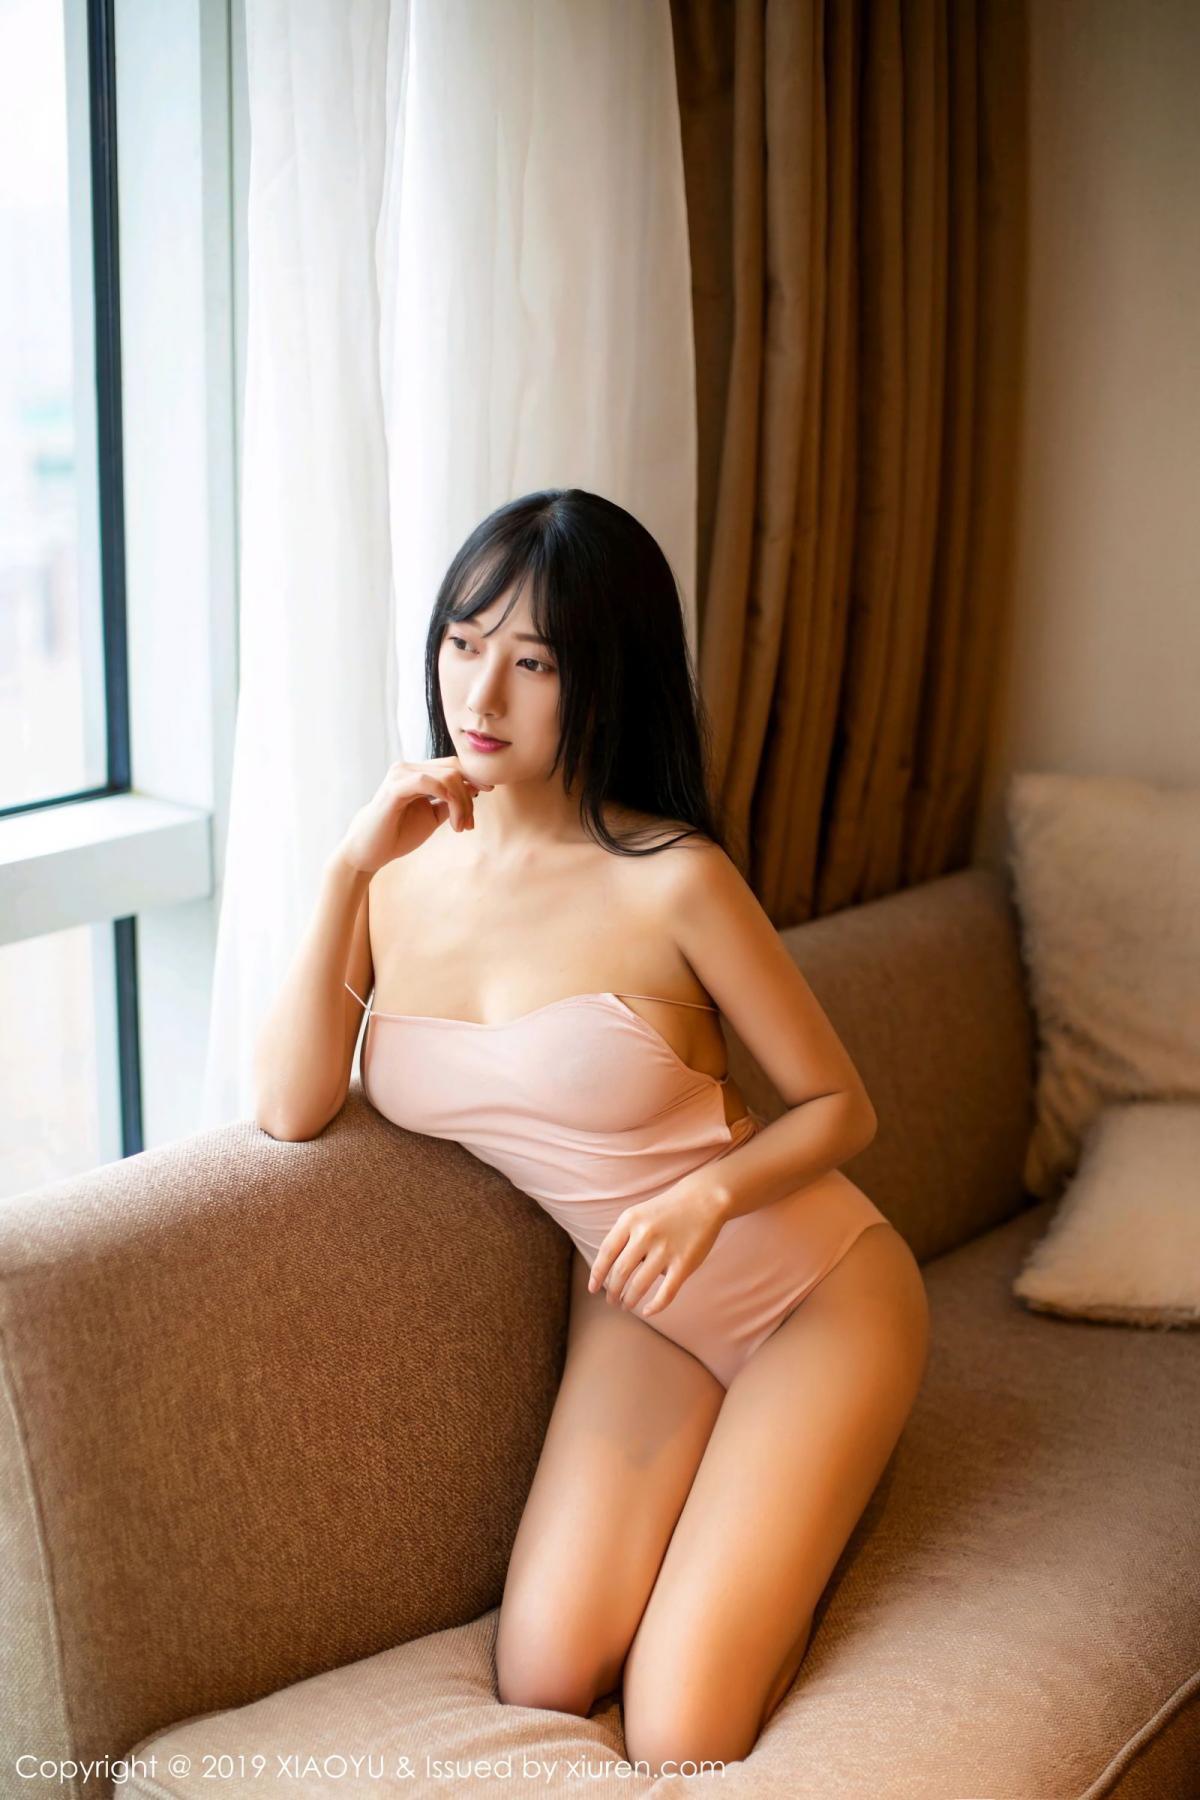 [XiaoYu] Vol.097 He Jia Ying 39P, He Jia Ying, Tall, XiaoYu